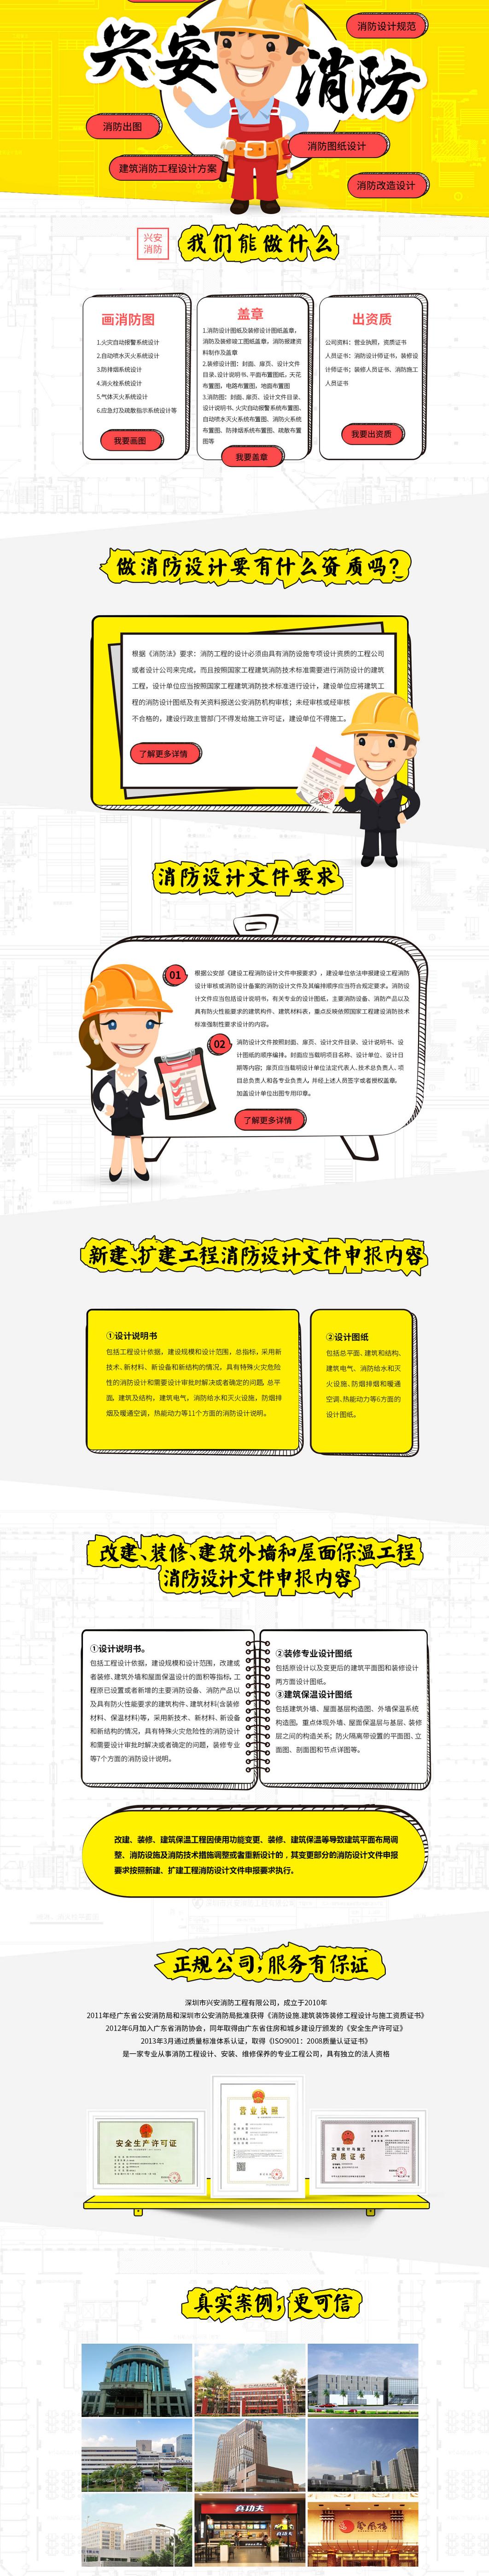 深圳消防图纸设计,消防工程设计图,消防设计审核备案,消防设计收费标准-深圳兴安消防工程公司.png